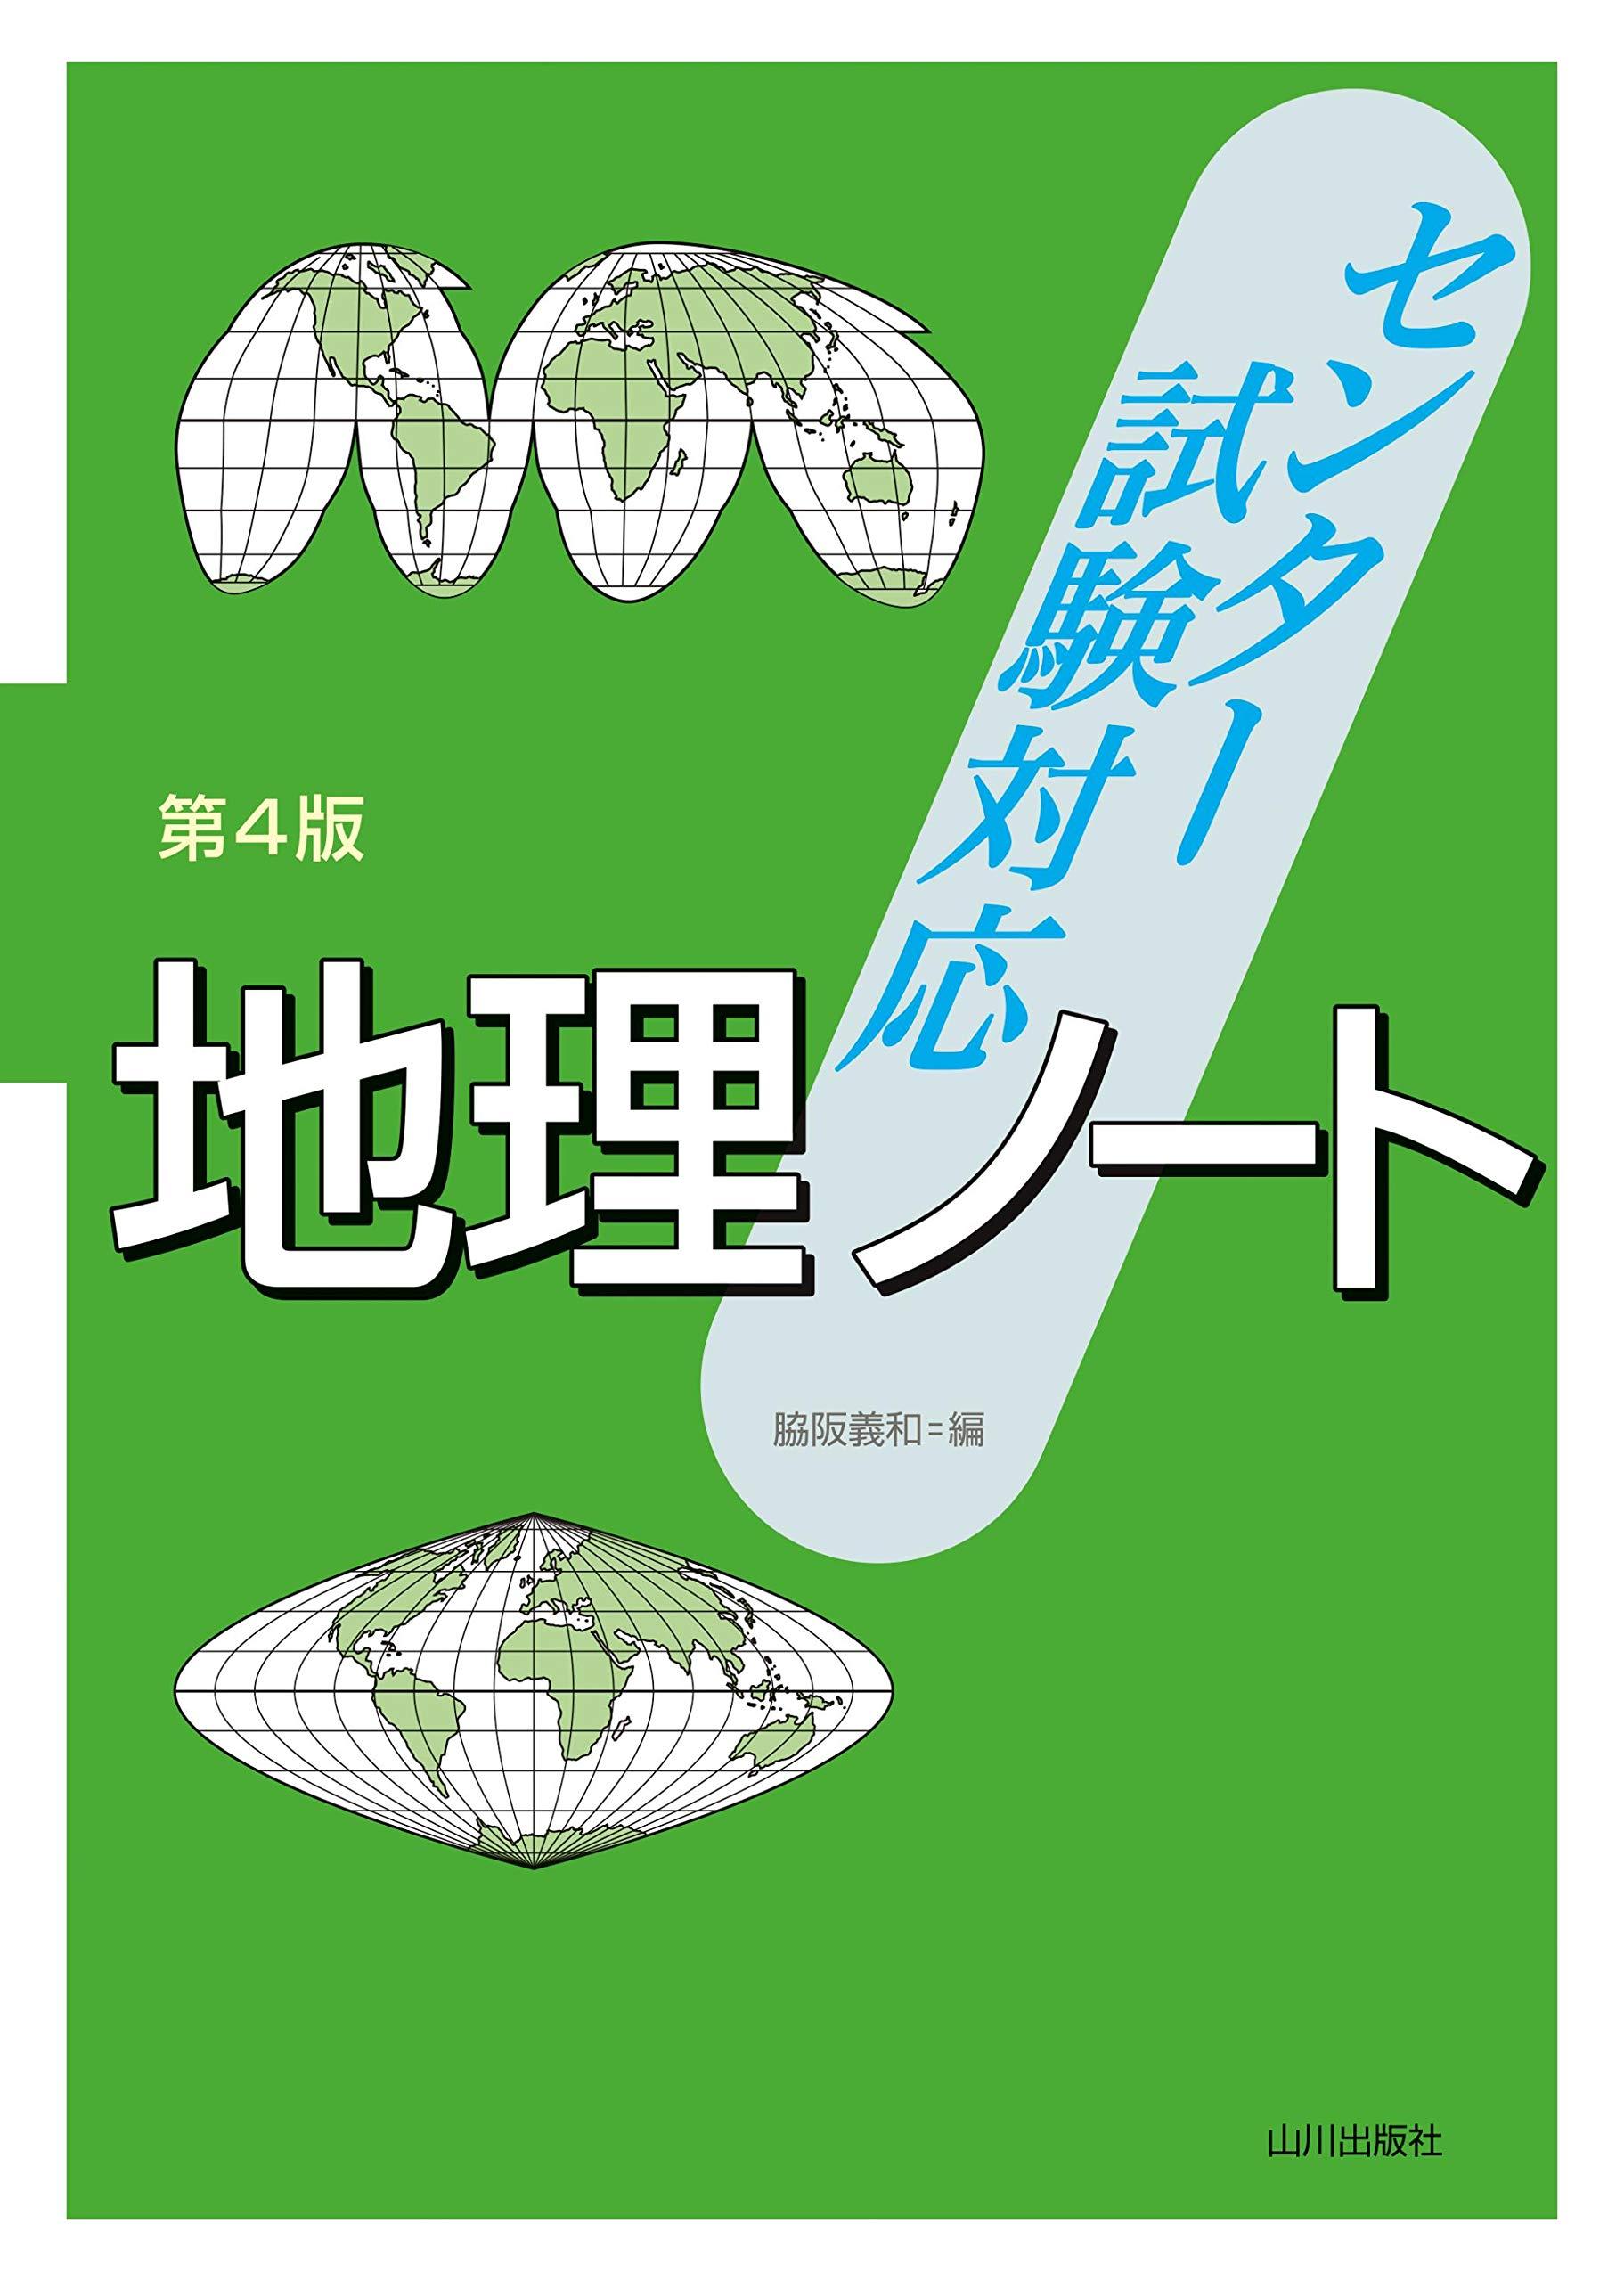 地理のおすすめ参考書・問題集「センター試験対応 地理ノート」